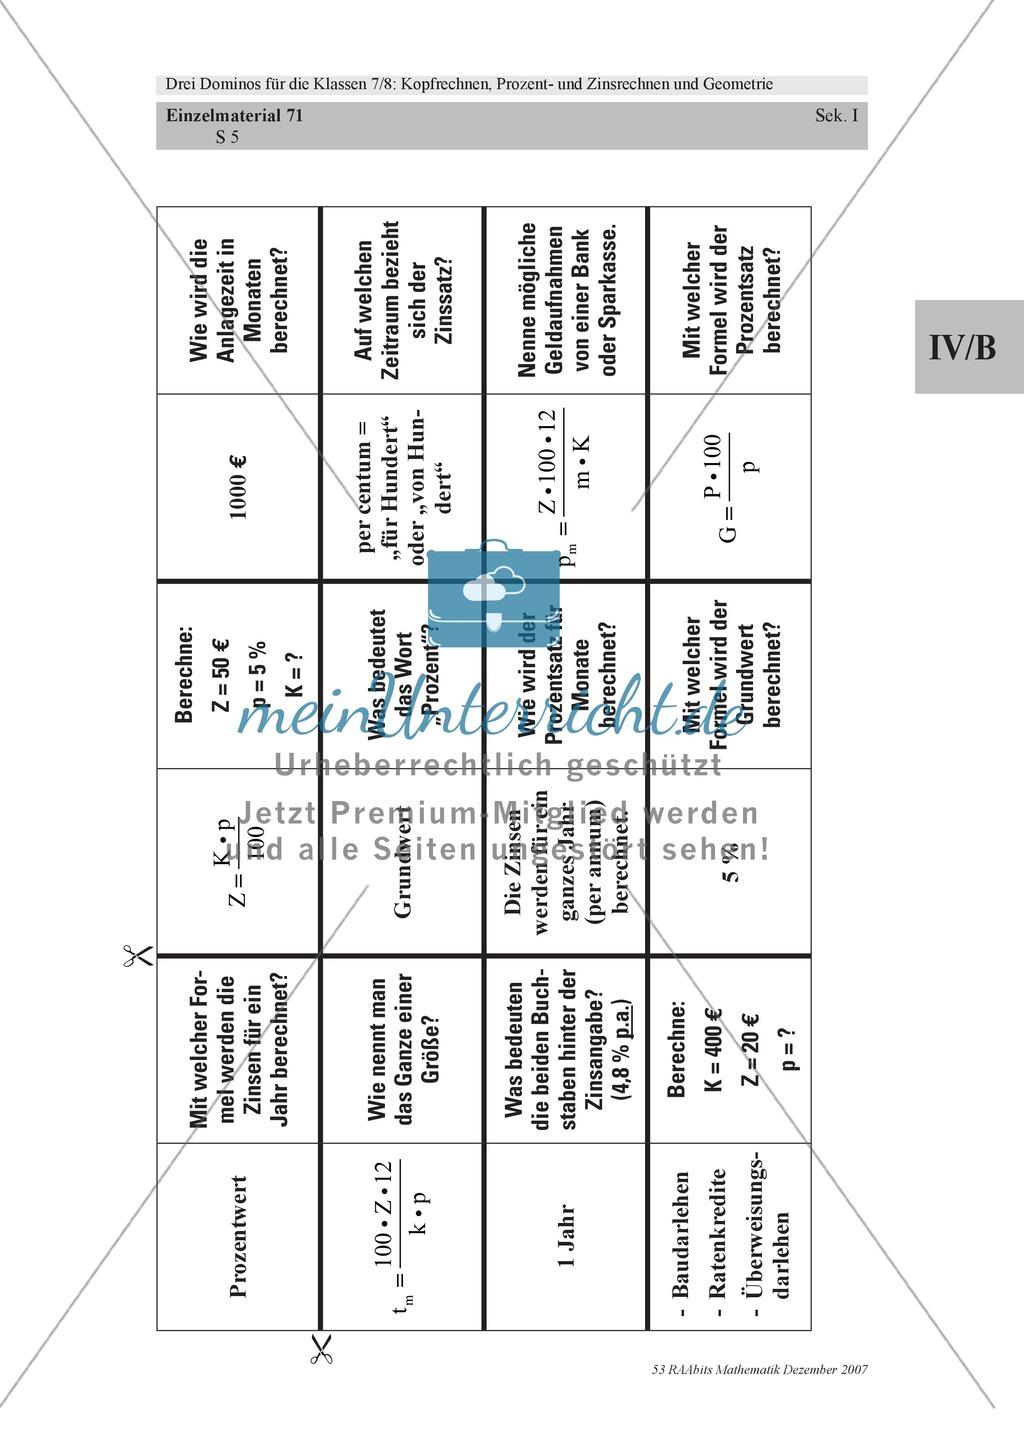 Mathematik-Domino zum Kopfrechnen mit Prozent- und Zinswerten und ...